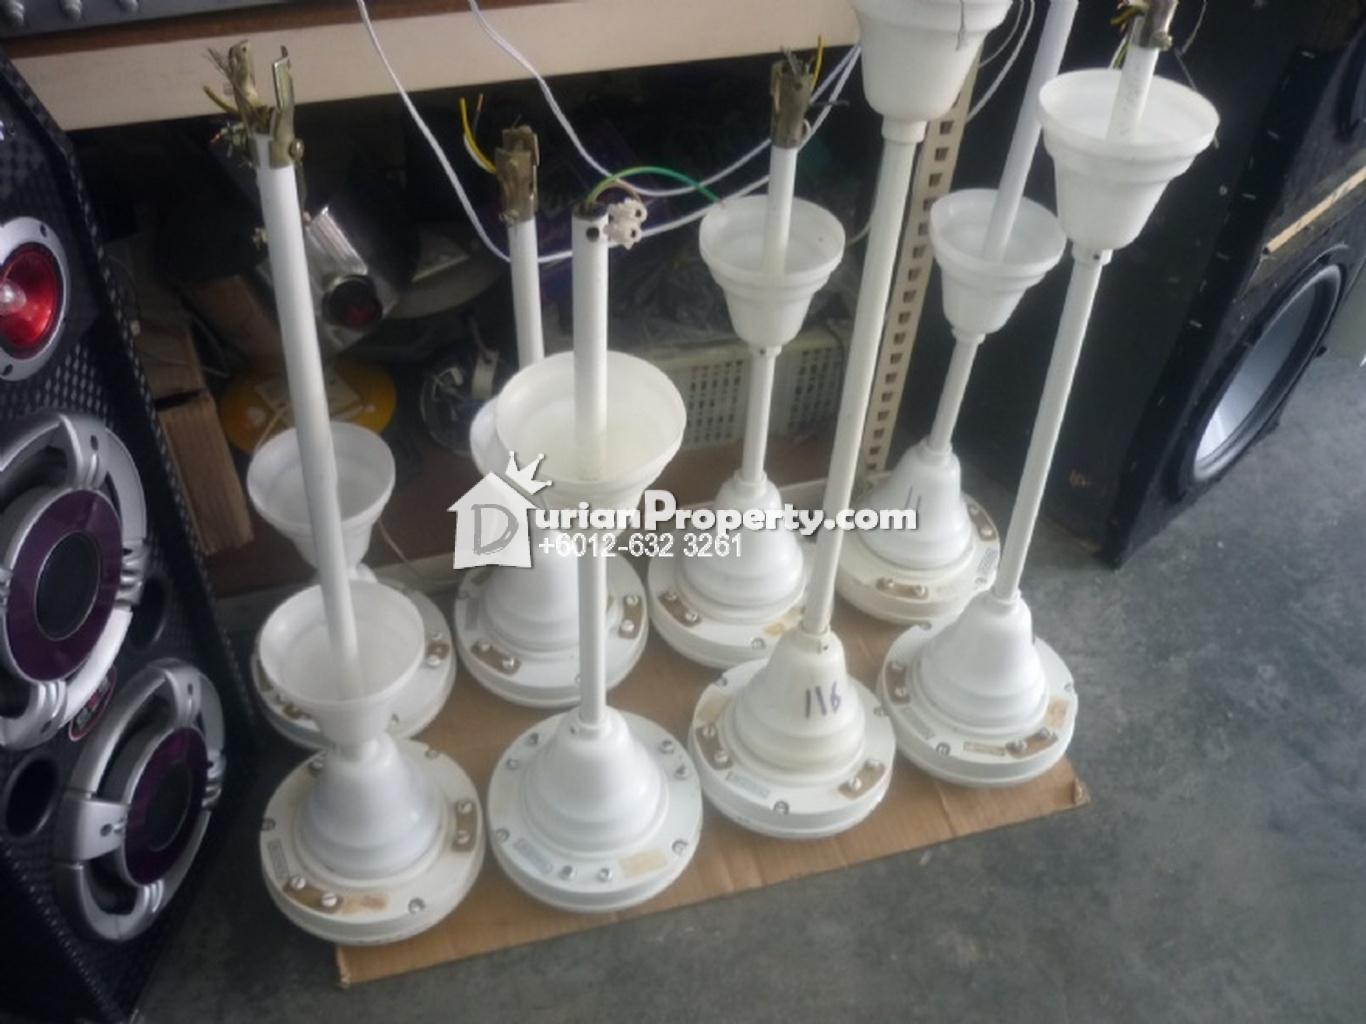 Used Celling Fan-Tamco Japan 3 Steel Blade Celling Fan For Sale